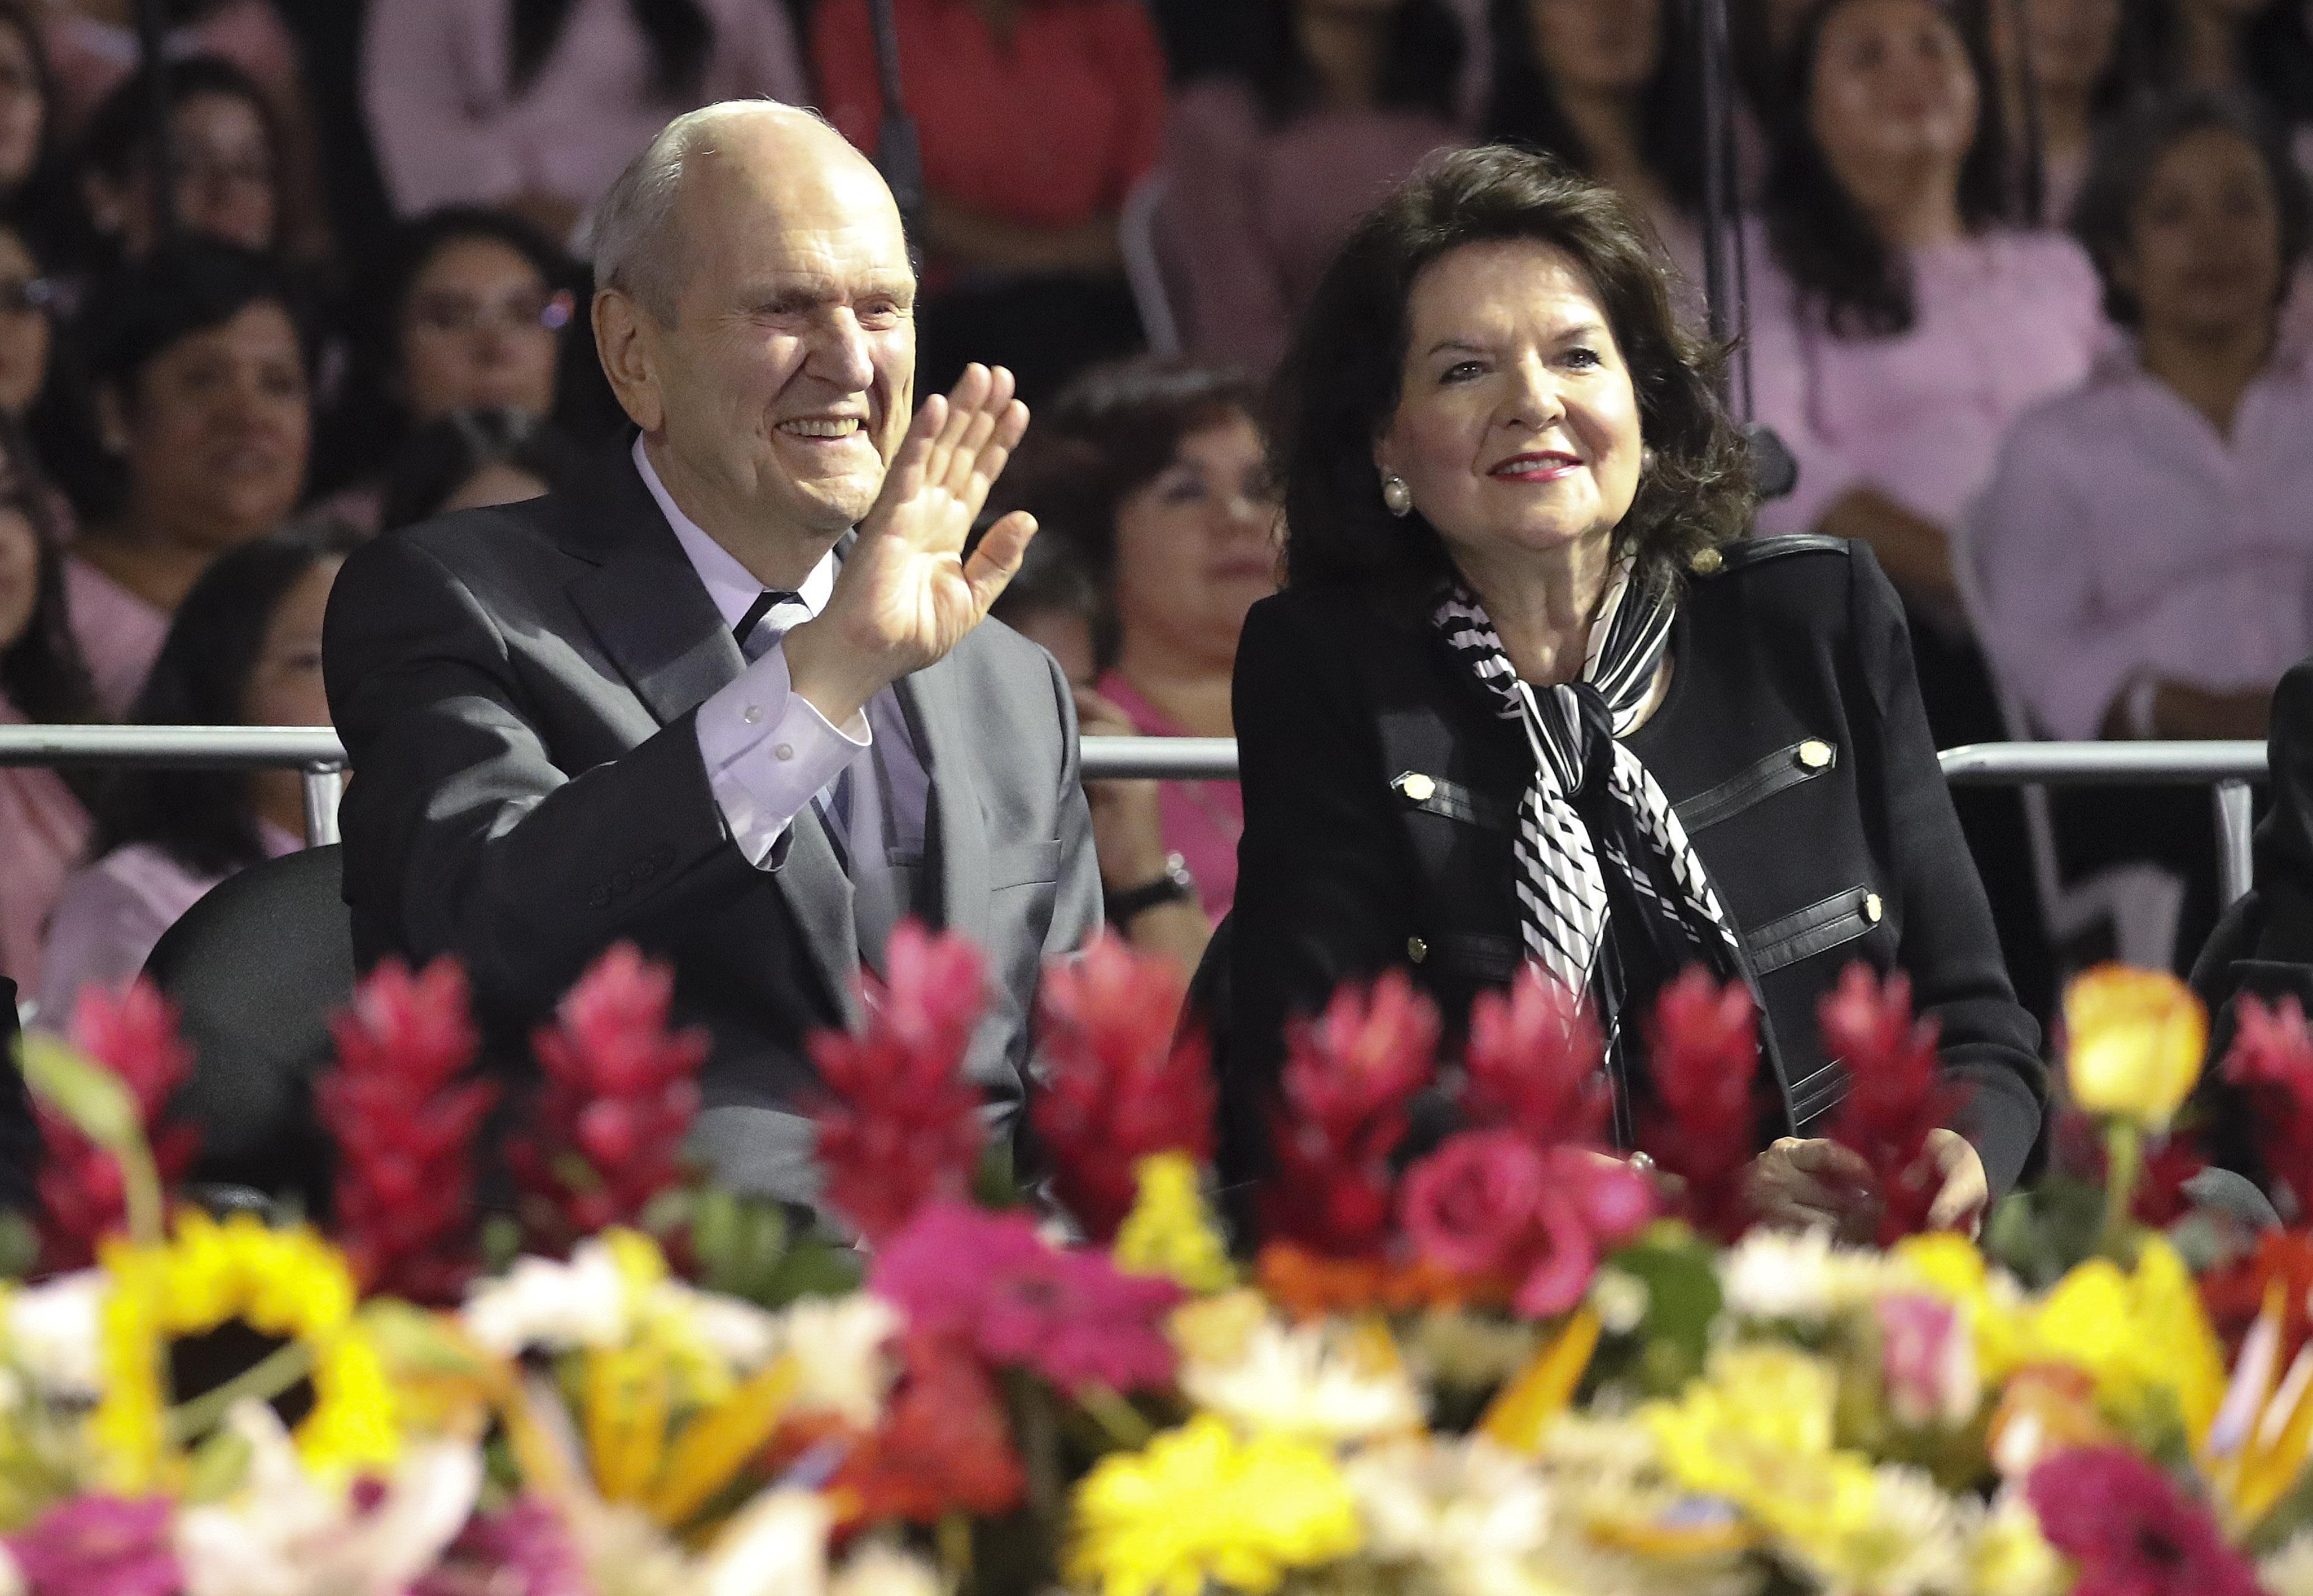 O presidente Russell M. Nelson, de A Igreja de Jesus Cristo dos Santos dos Últimos Dias, e sua esposa, Wendy Nelson, acenam para os participantes antes do devocional no Estadio Cementos Progreso na Cidade da Guatemala, no sábado, 24 de agosto de 2019.